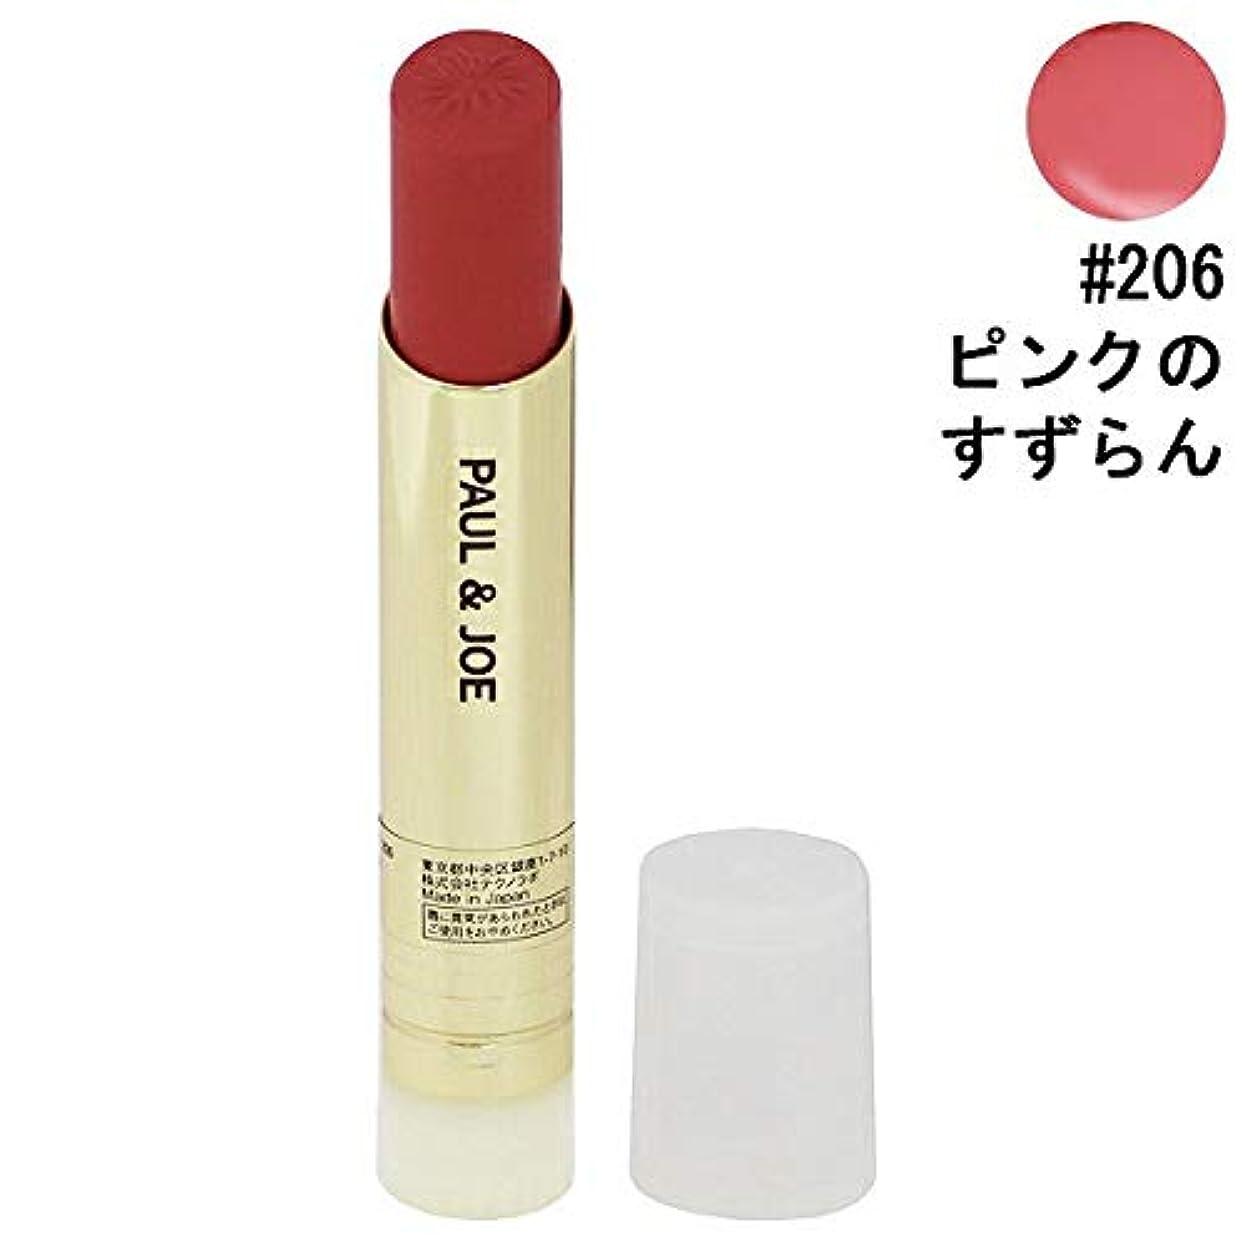 【ポール&ジョー】リップスティックN #206 ピンクのすずらん (レフィル) 3.5g